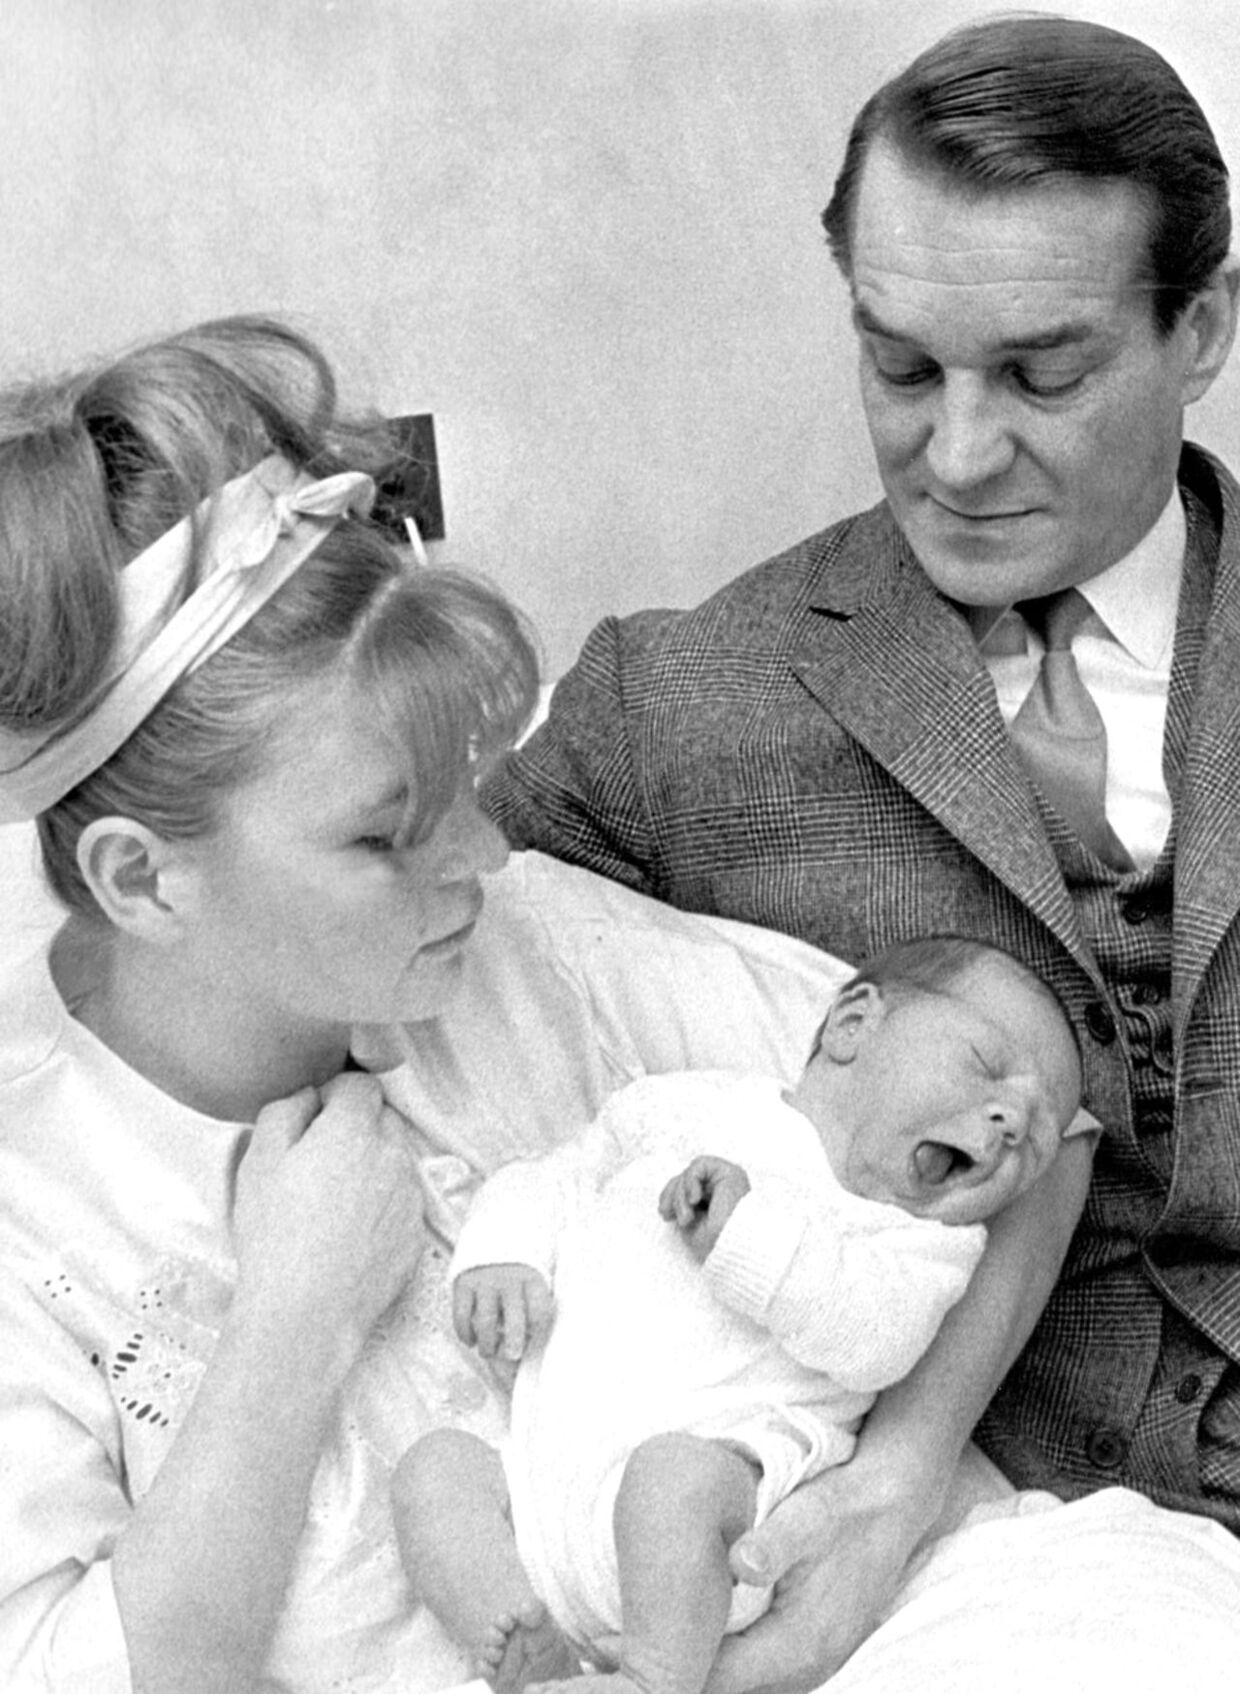 Lone Hertz og Axel Strøbye fotograferet i 1966 med deres nyfødte søn Tomas.